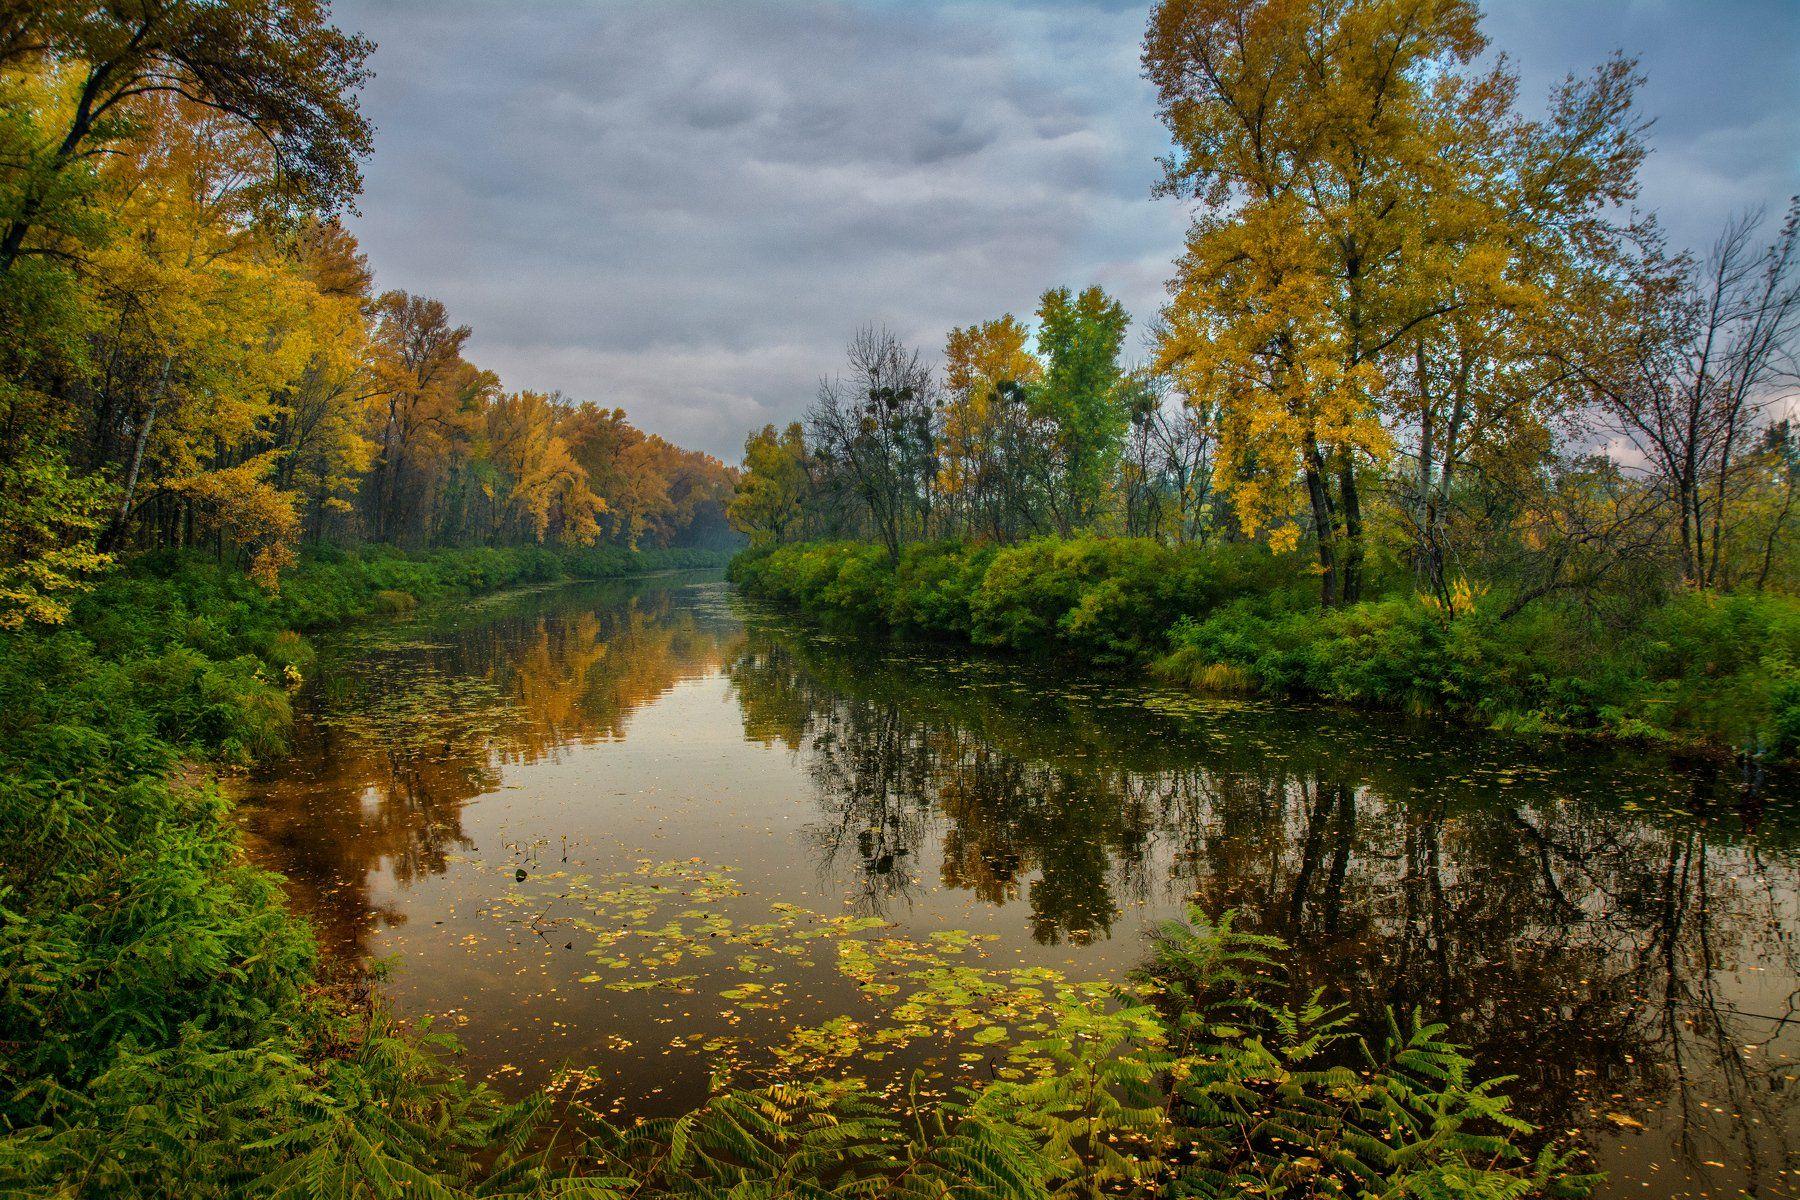 landscape, пейзаж,  лес,  деревья,  природа, осенние листья, река, вода, берег, осень, Михаил MSH